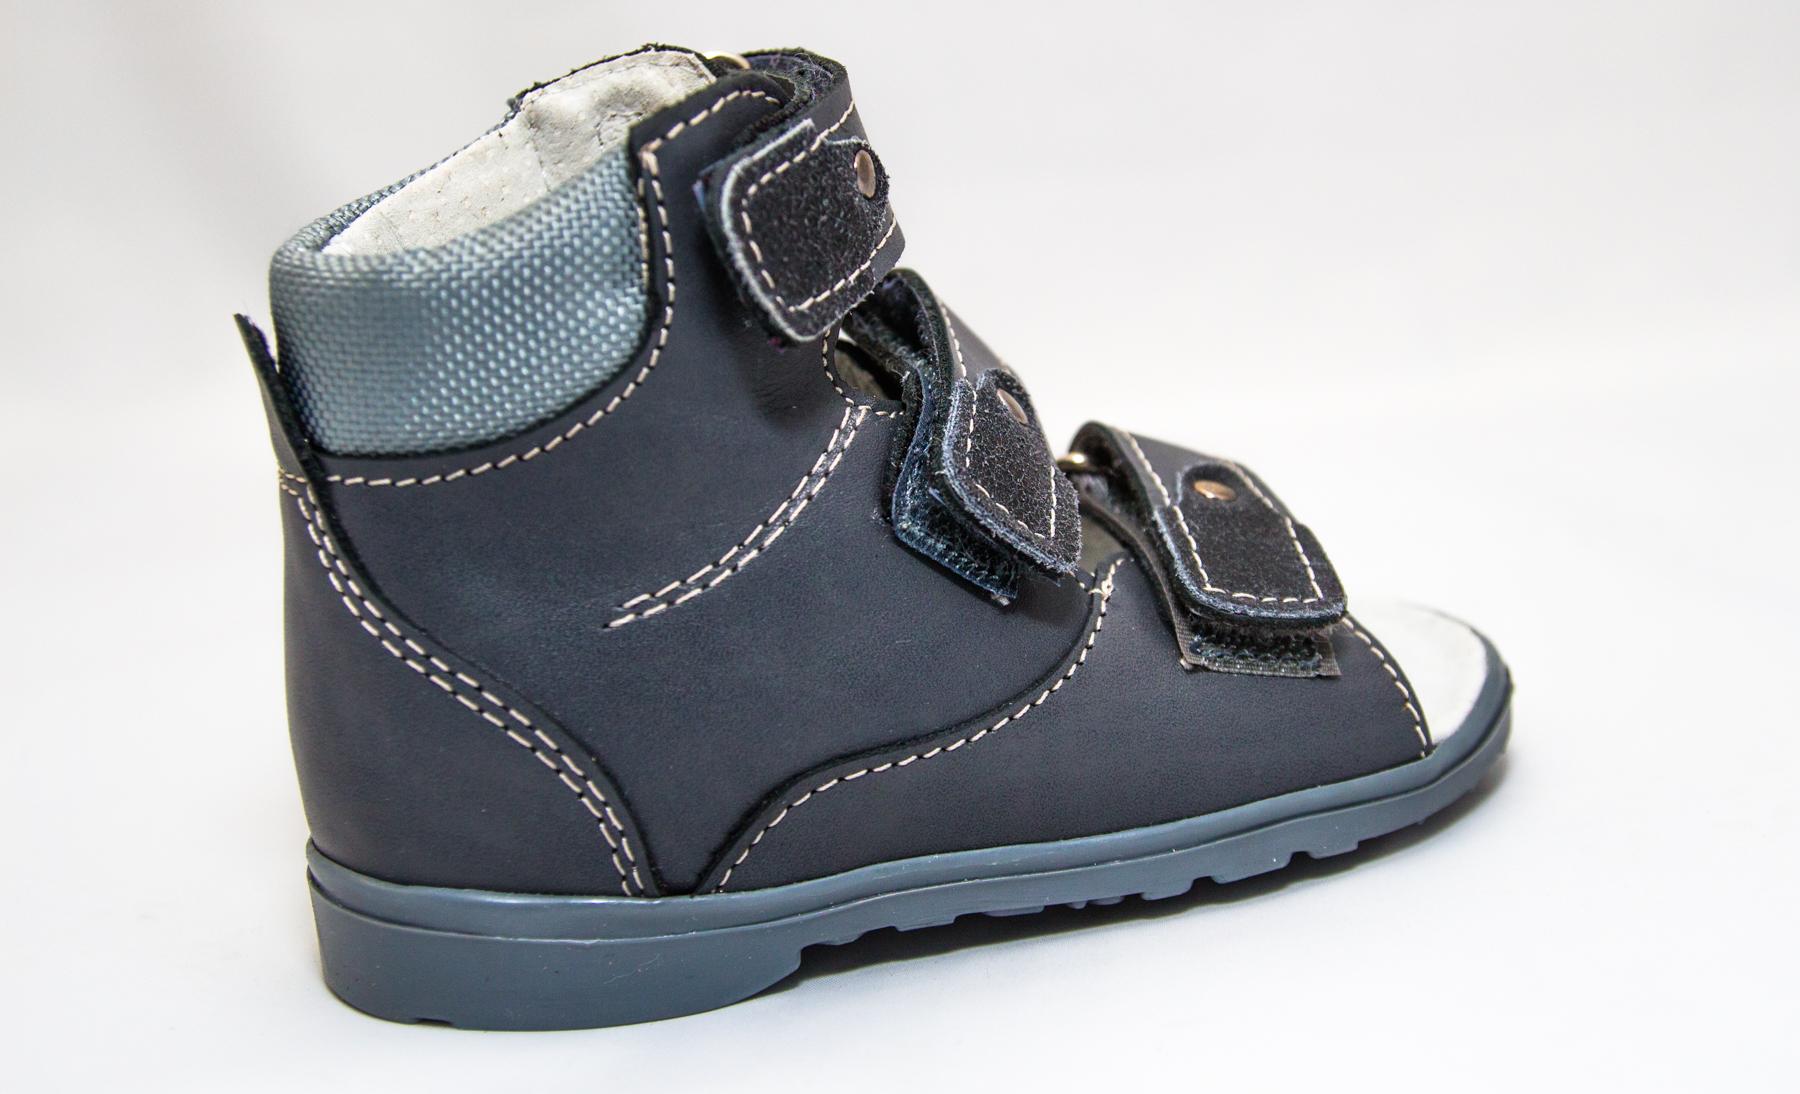 cb5a5fcdc6e Ortopeedilised laste jalanõud kõrge kannaosaga P02 - Invaabi